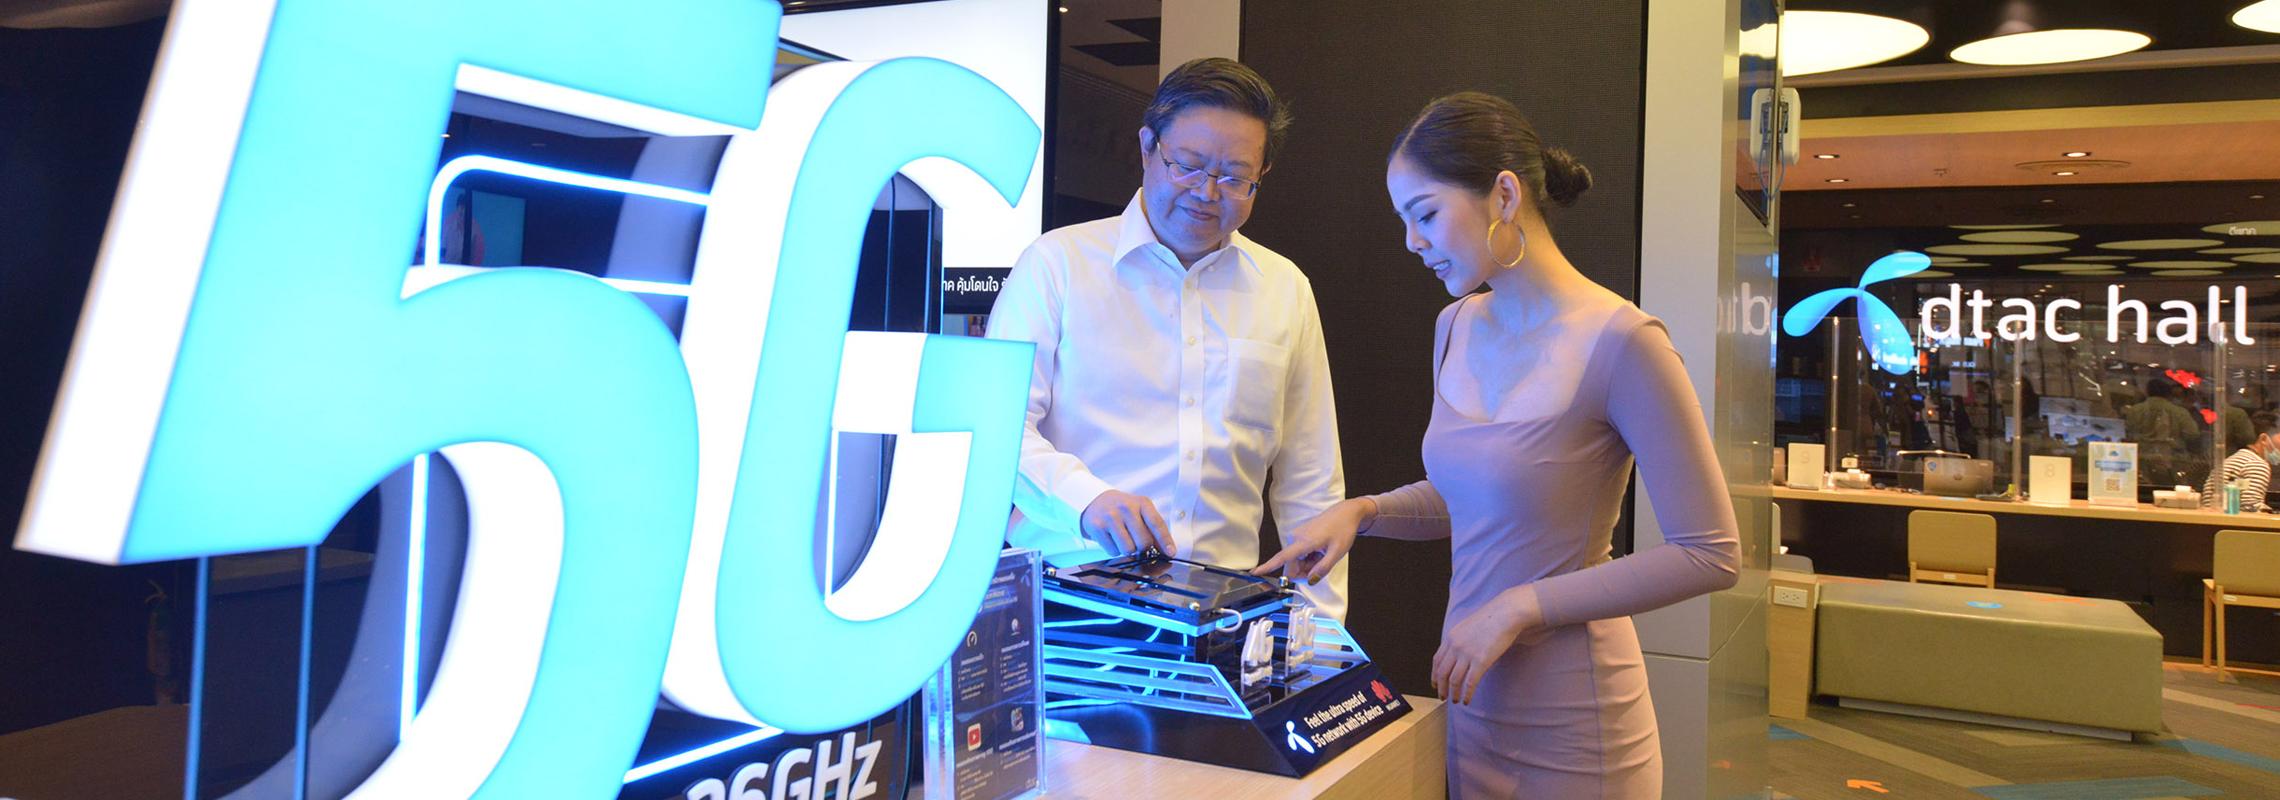 ดีแทคเปิดทดสอบมือถือ 5G คลื่น 26 GHz ครั้งแรกในไทย